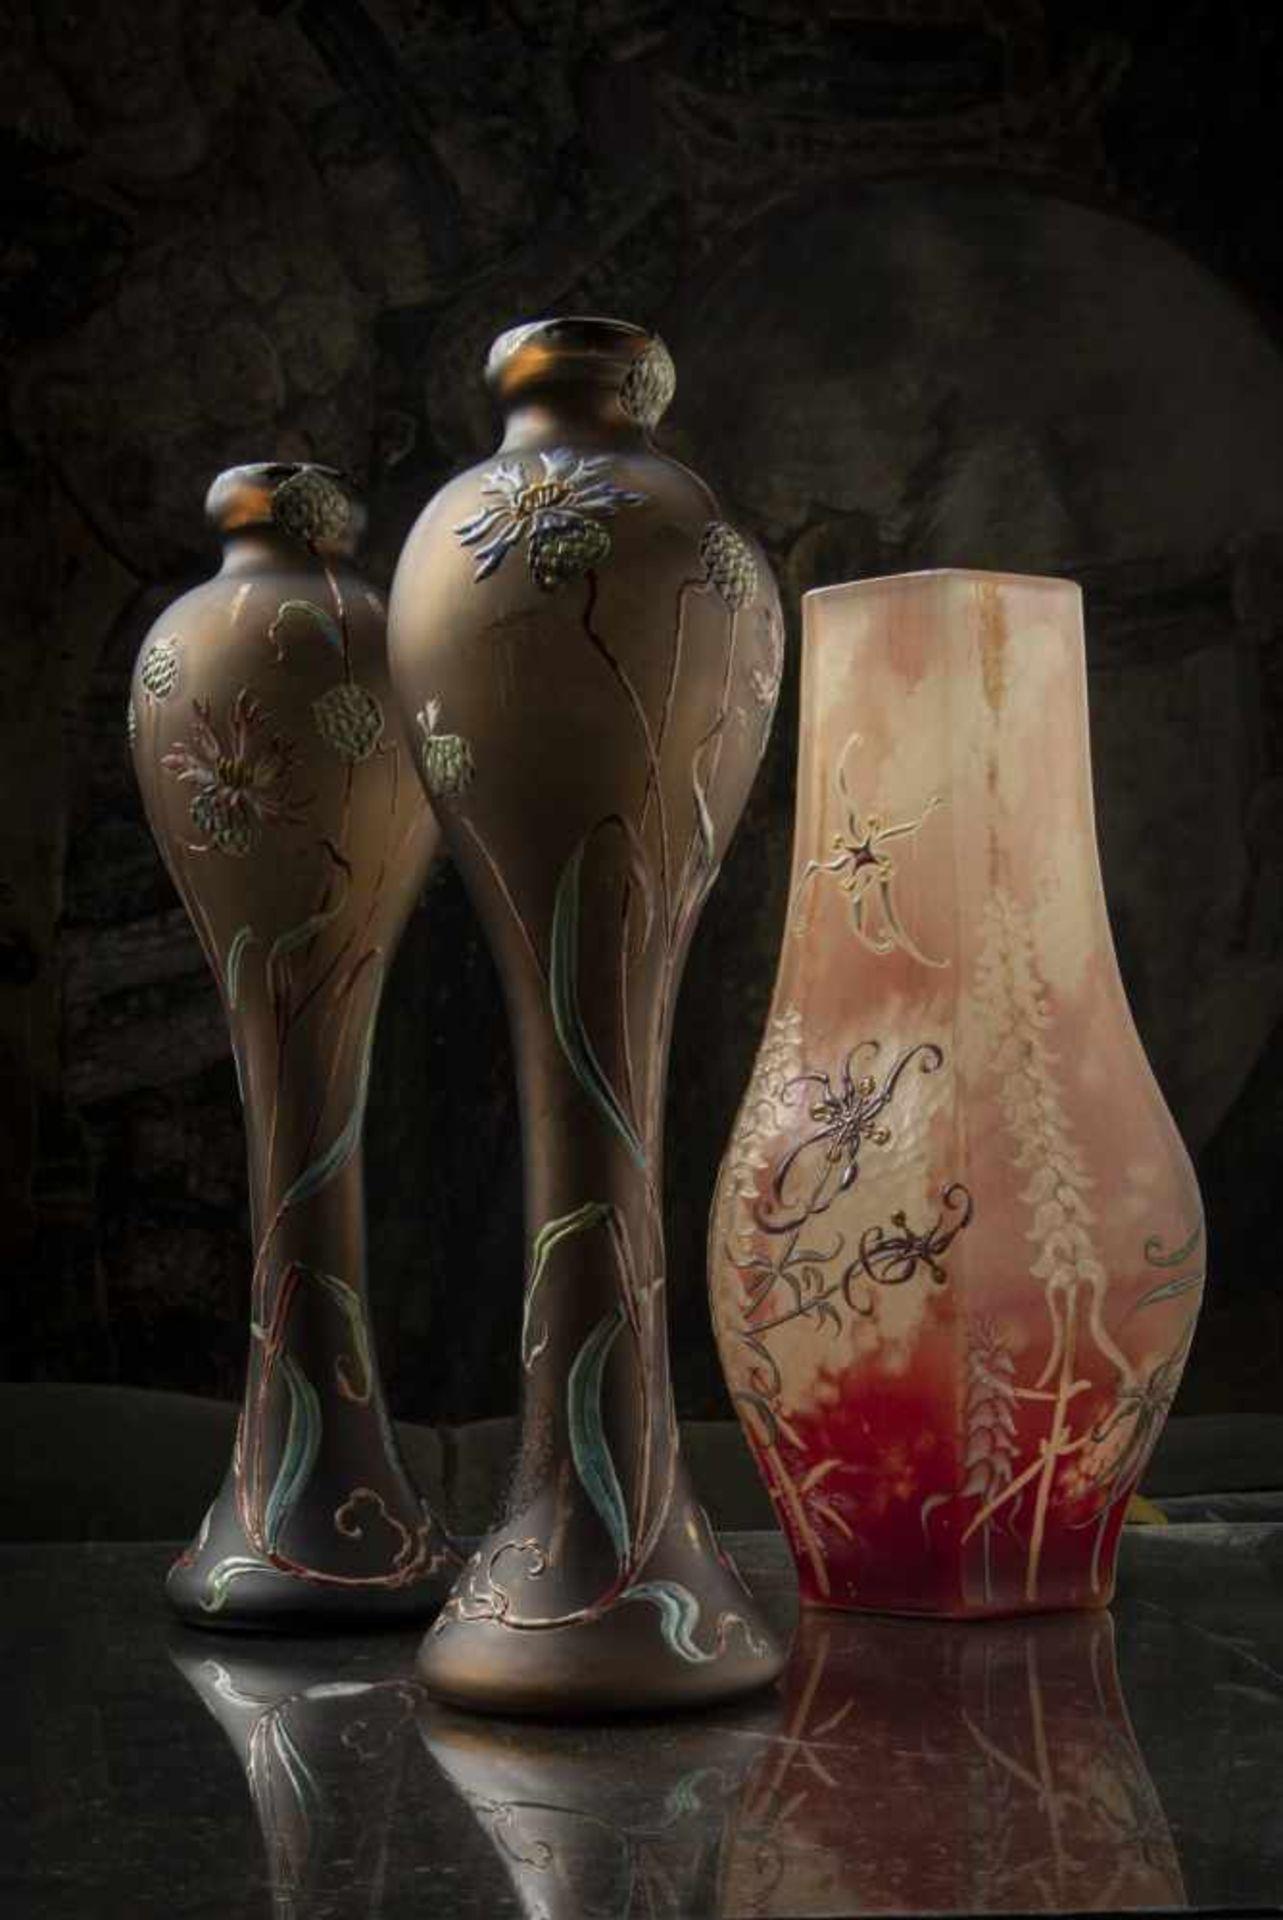 Verrerie d'Art de Lorraine, Burgun Schverer & Cie., Meisenthal, Pair of vases 'Bleuets', c. 1895- - Bild 5 aus 13